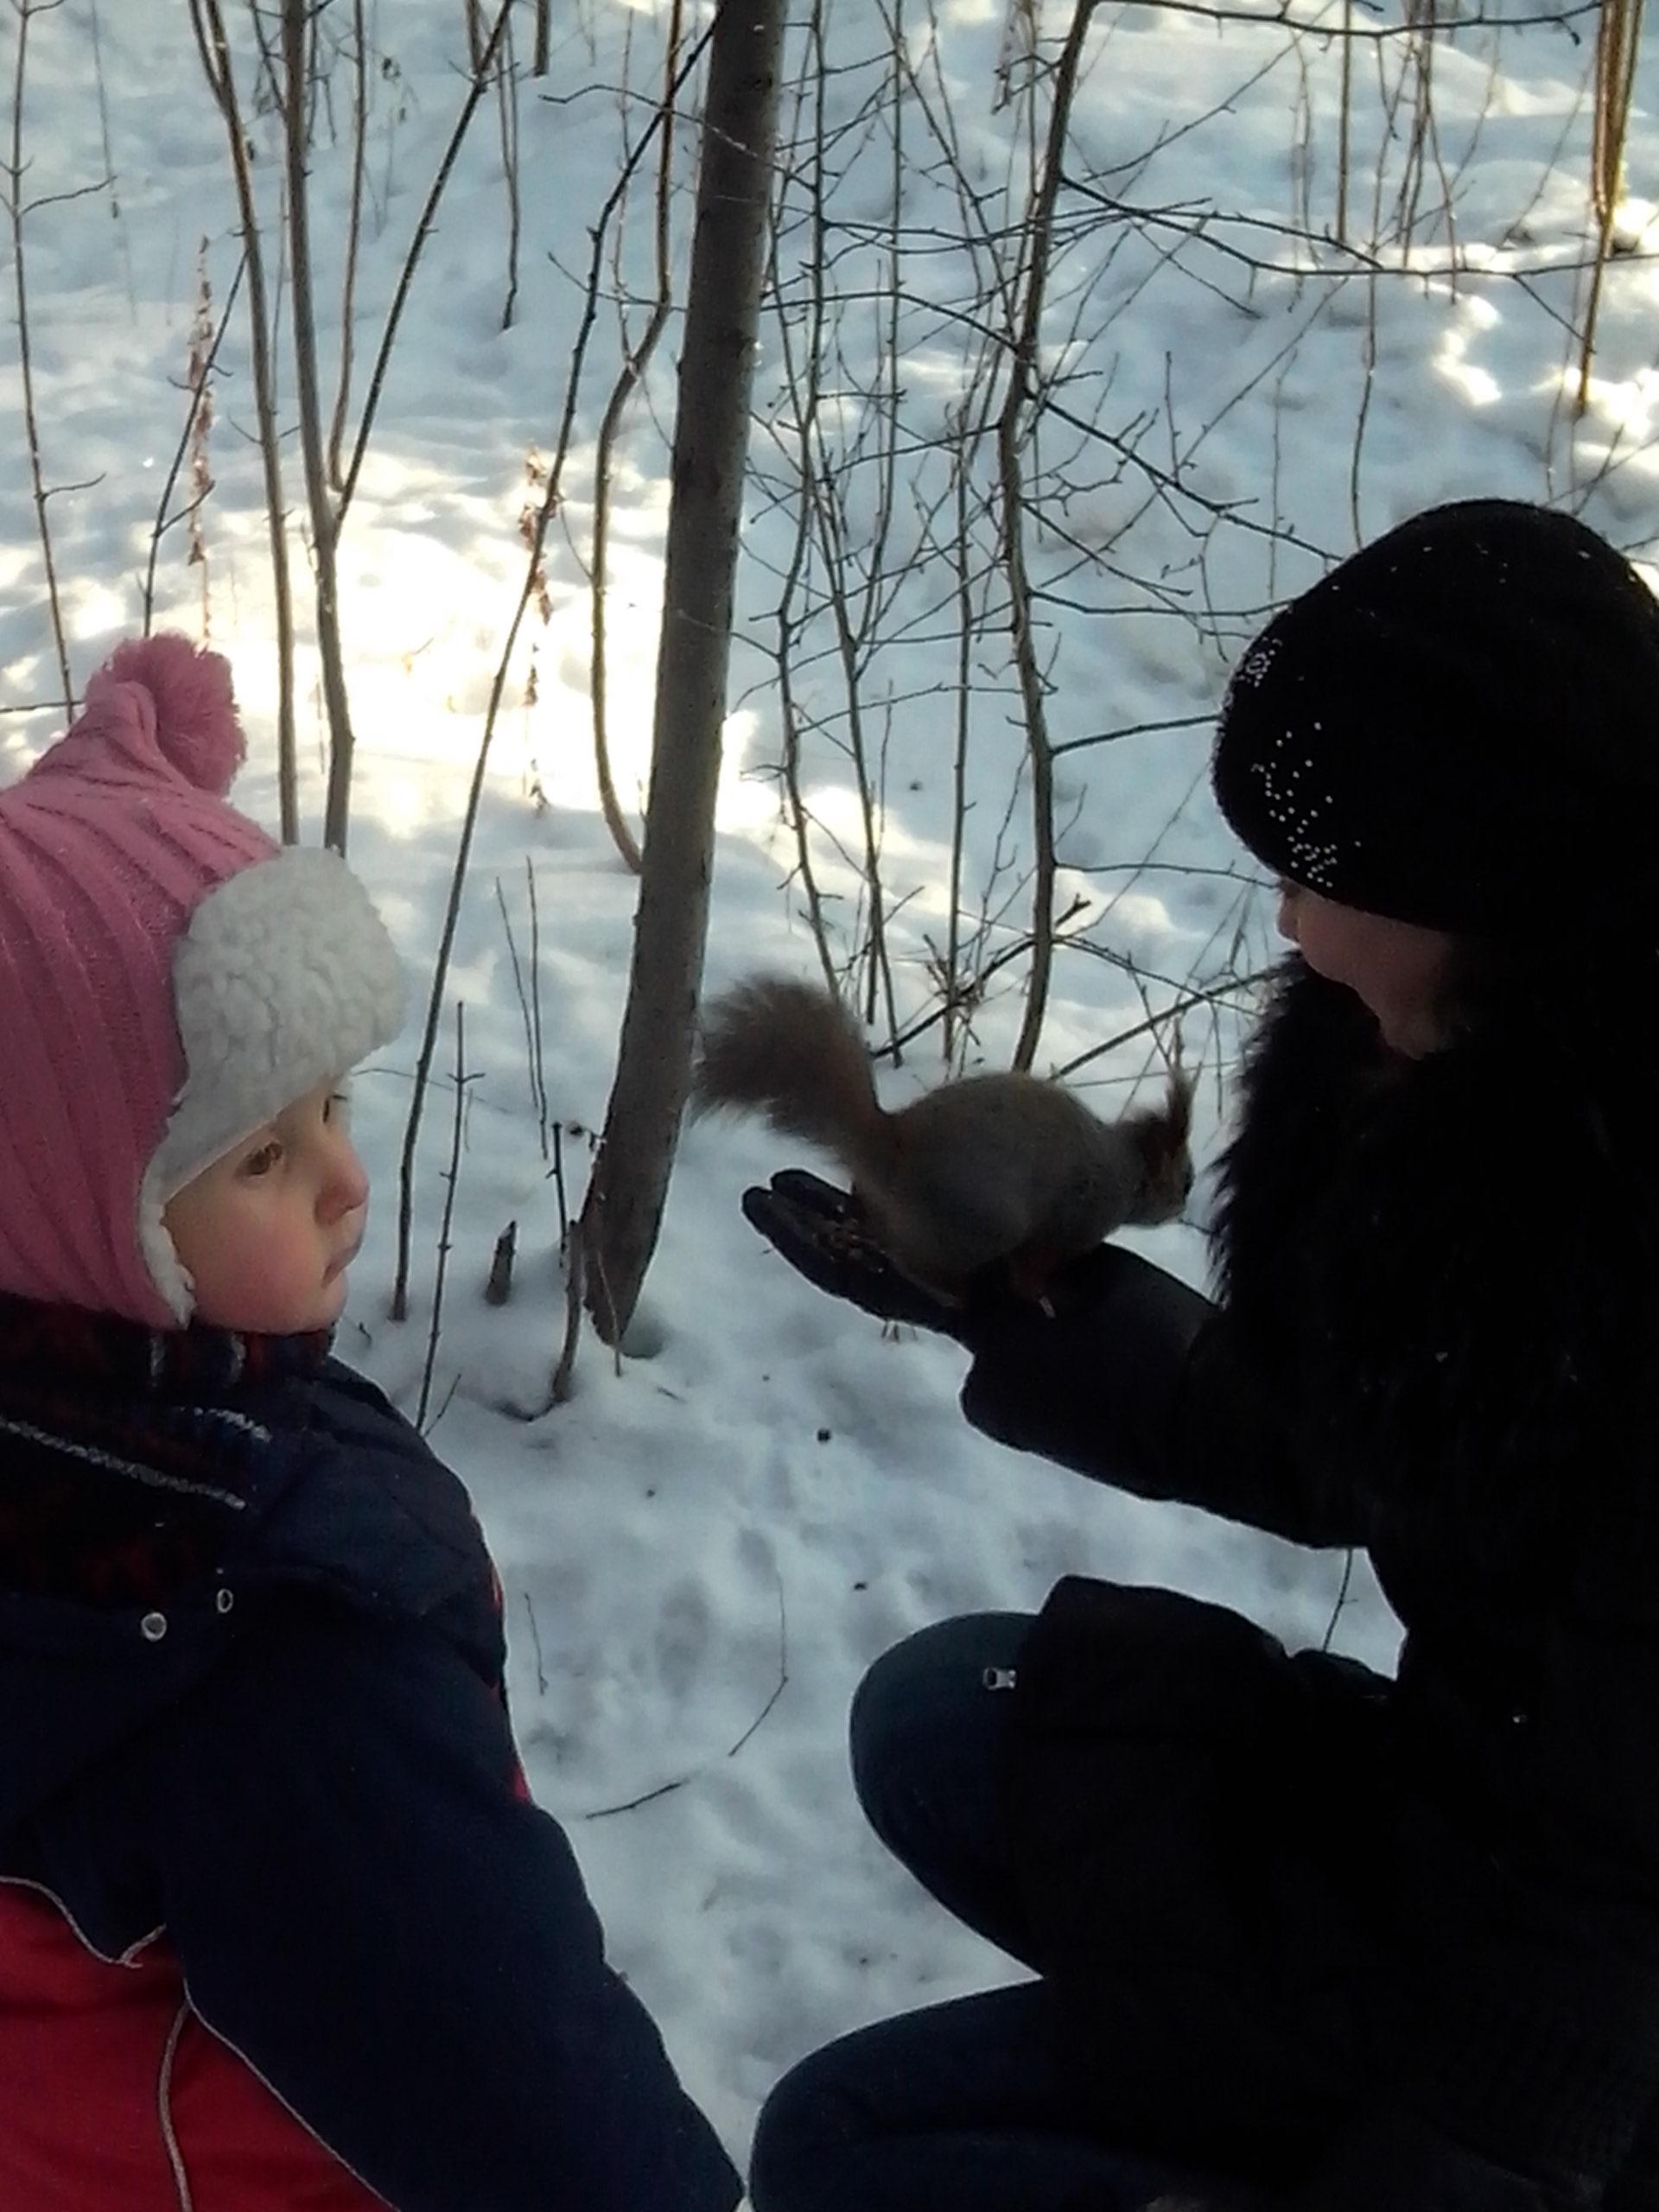 Все краски зимы: коньки, лыжи, тюбинг и забавные белочки